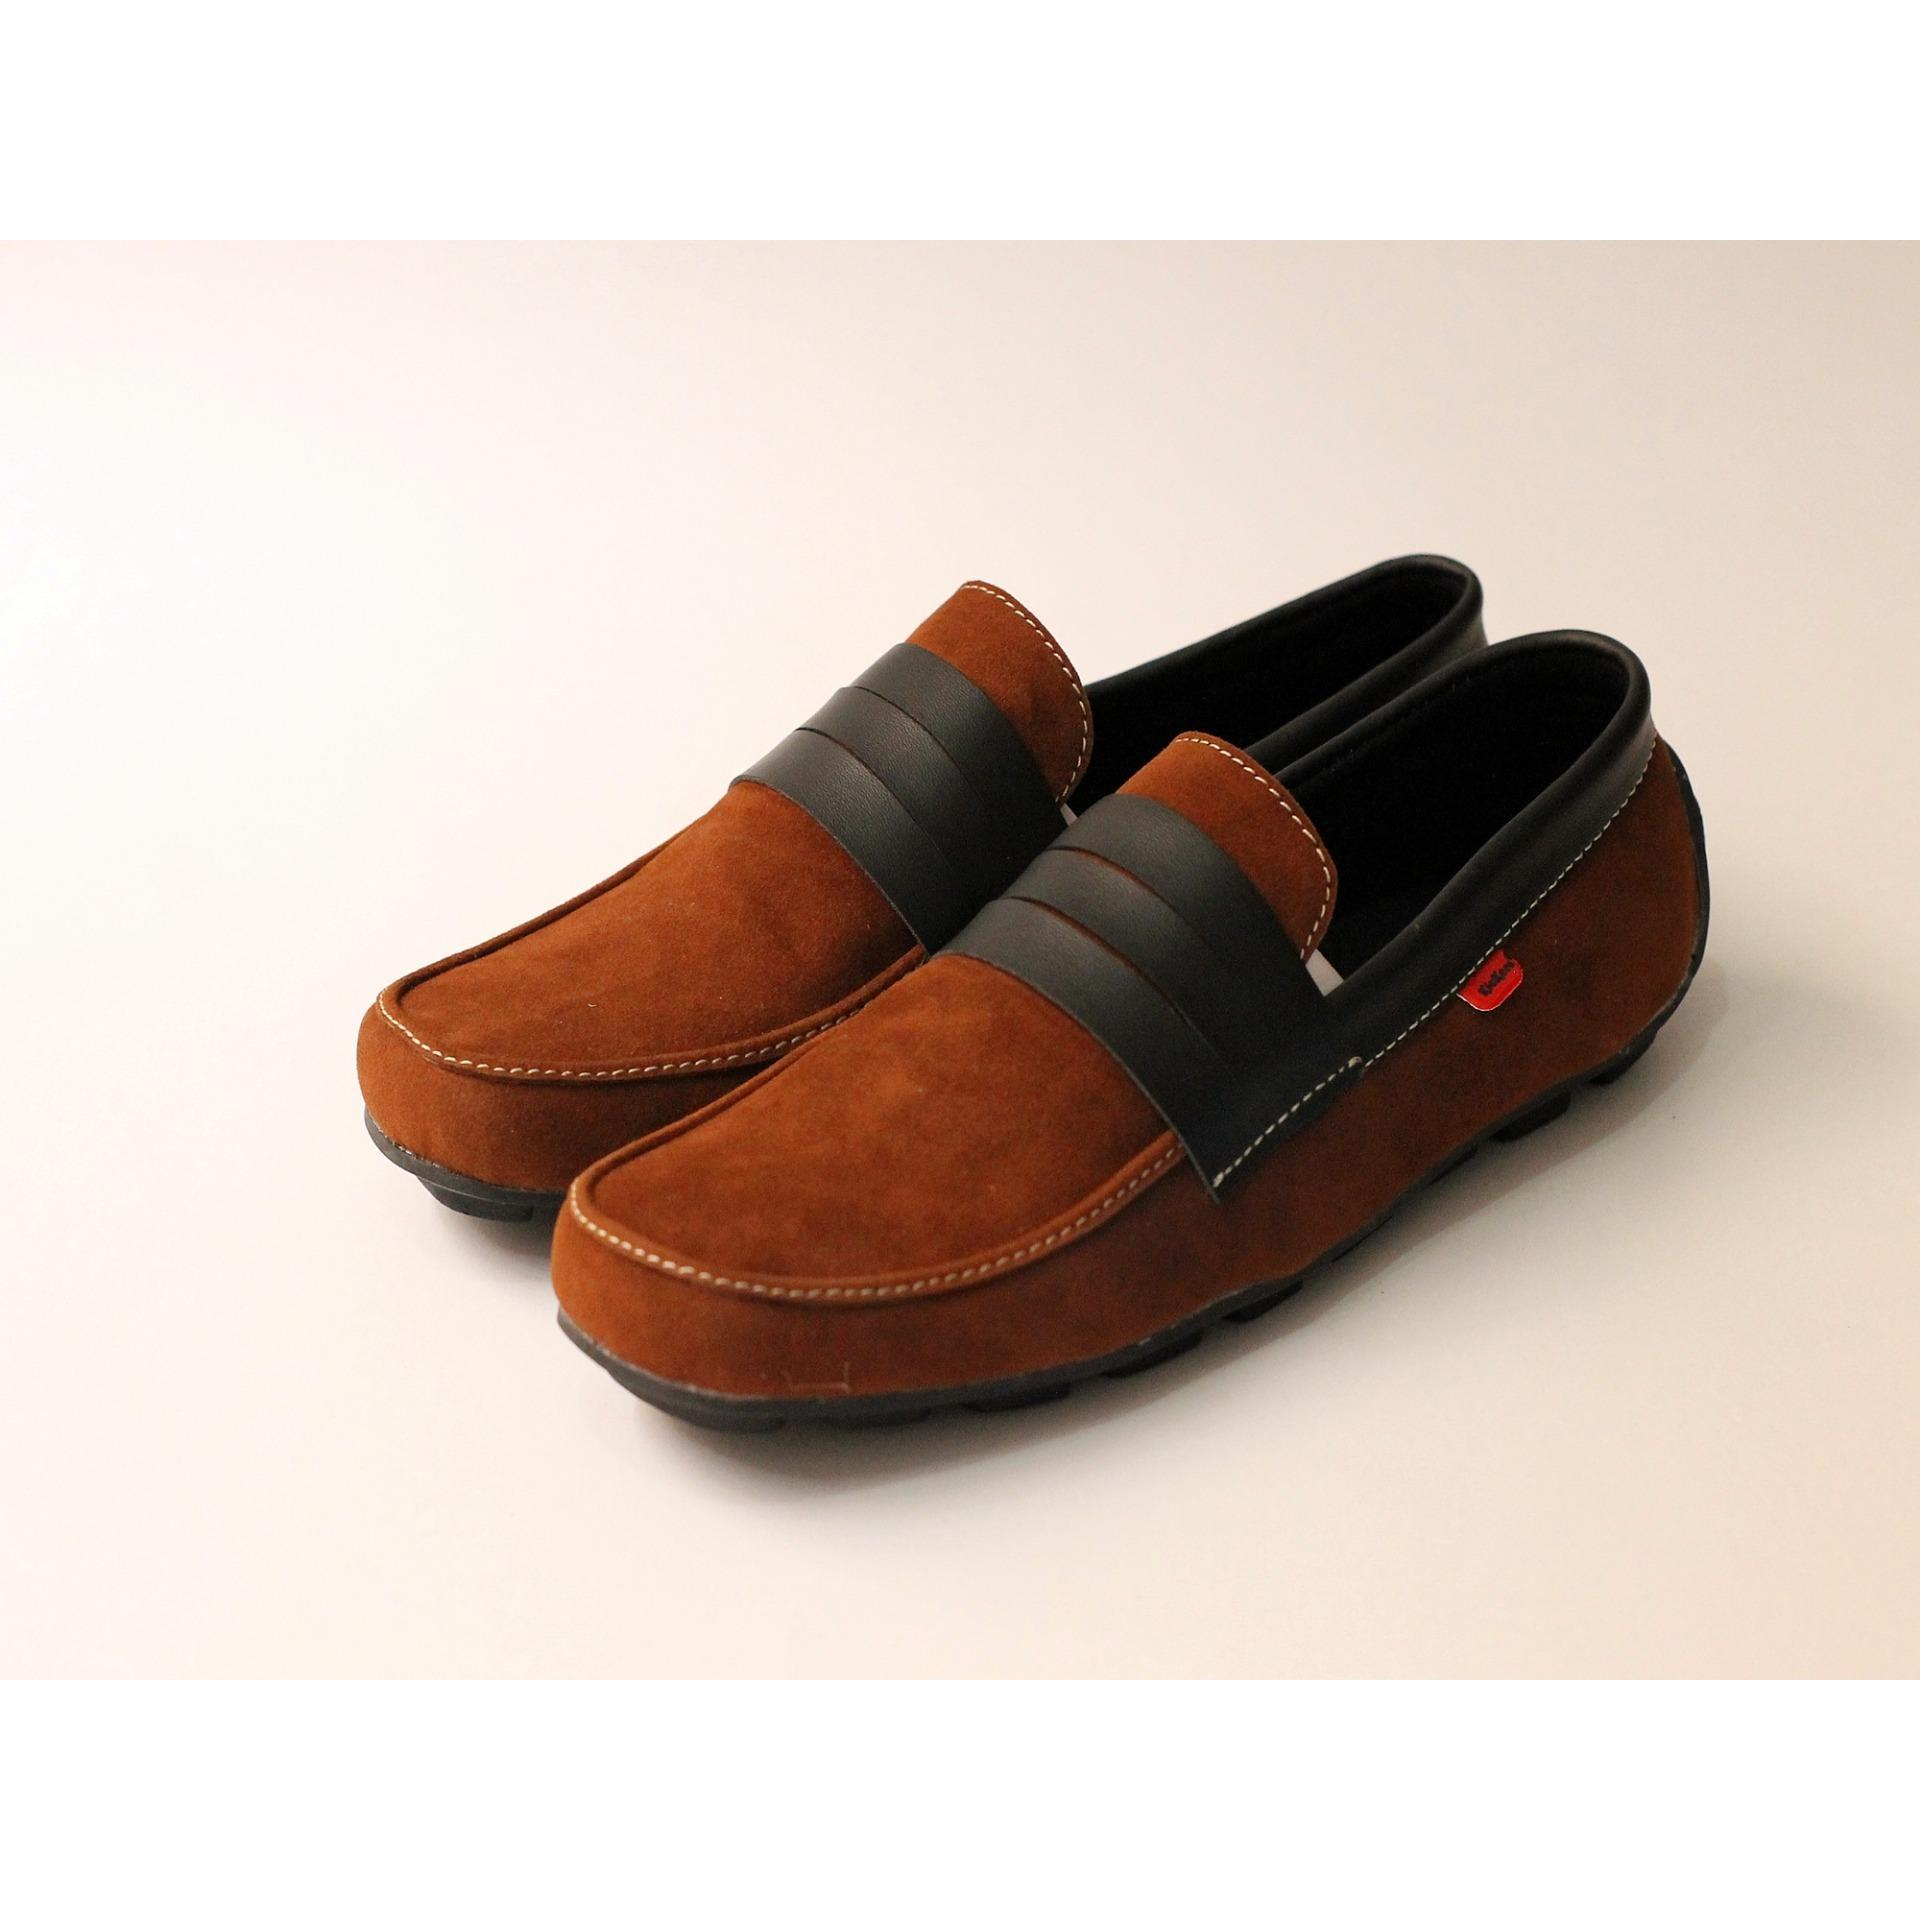 Features Kickers Sepatu Pria Casual Formal Slip On Kerja Dan Pormal 4